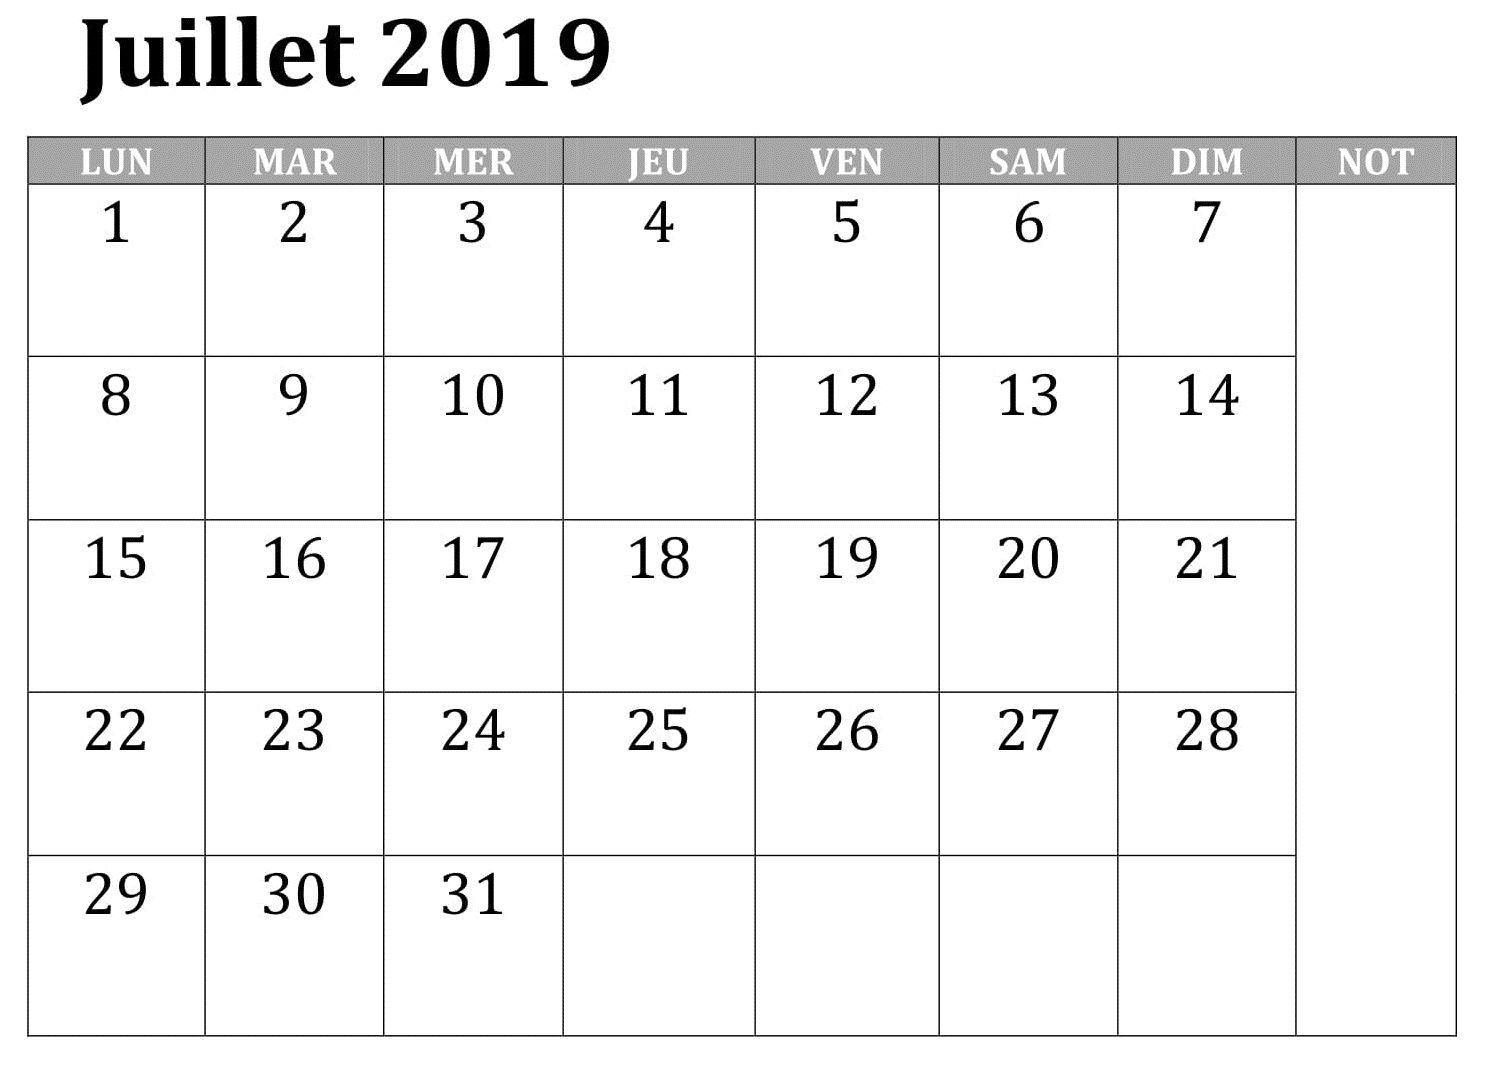 Calendrier Du Mois De Juillet 2019.Calendrier Mois Juillet 2019 Pdf In 2019 Periodic Table